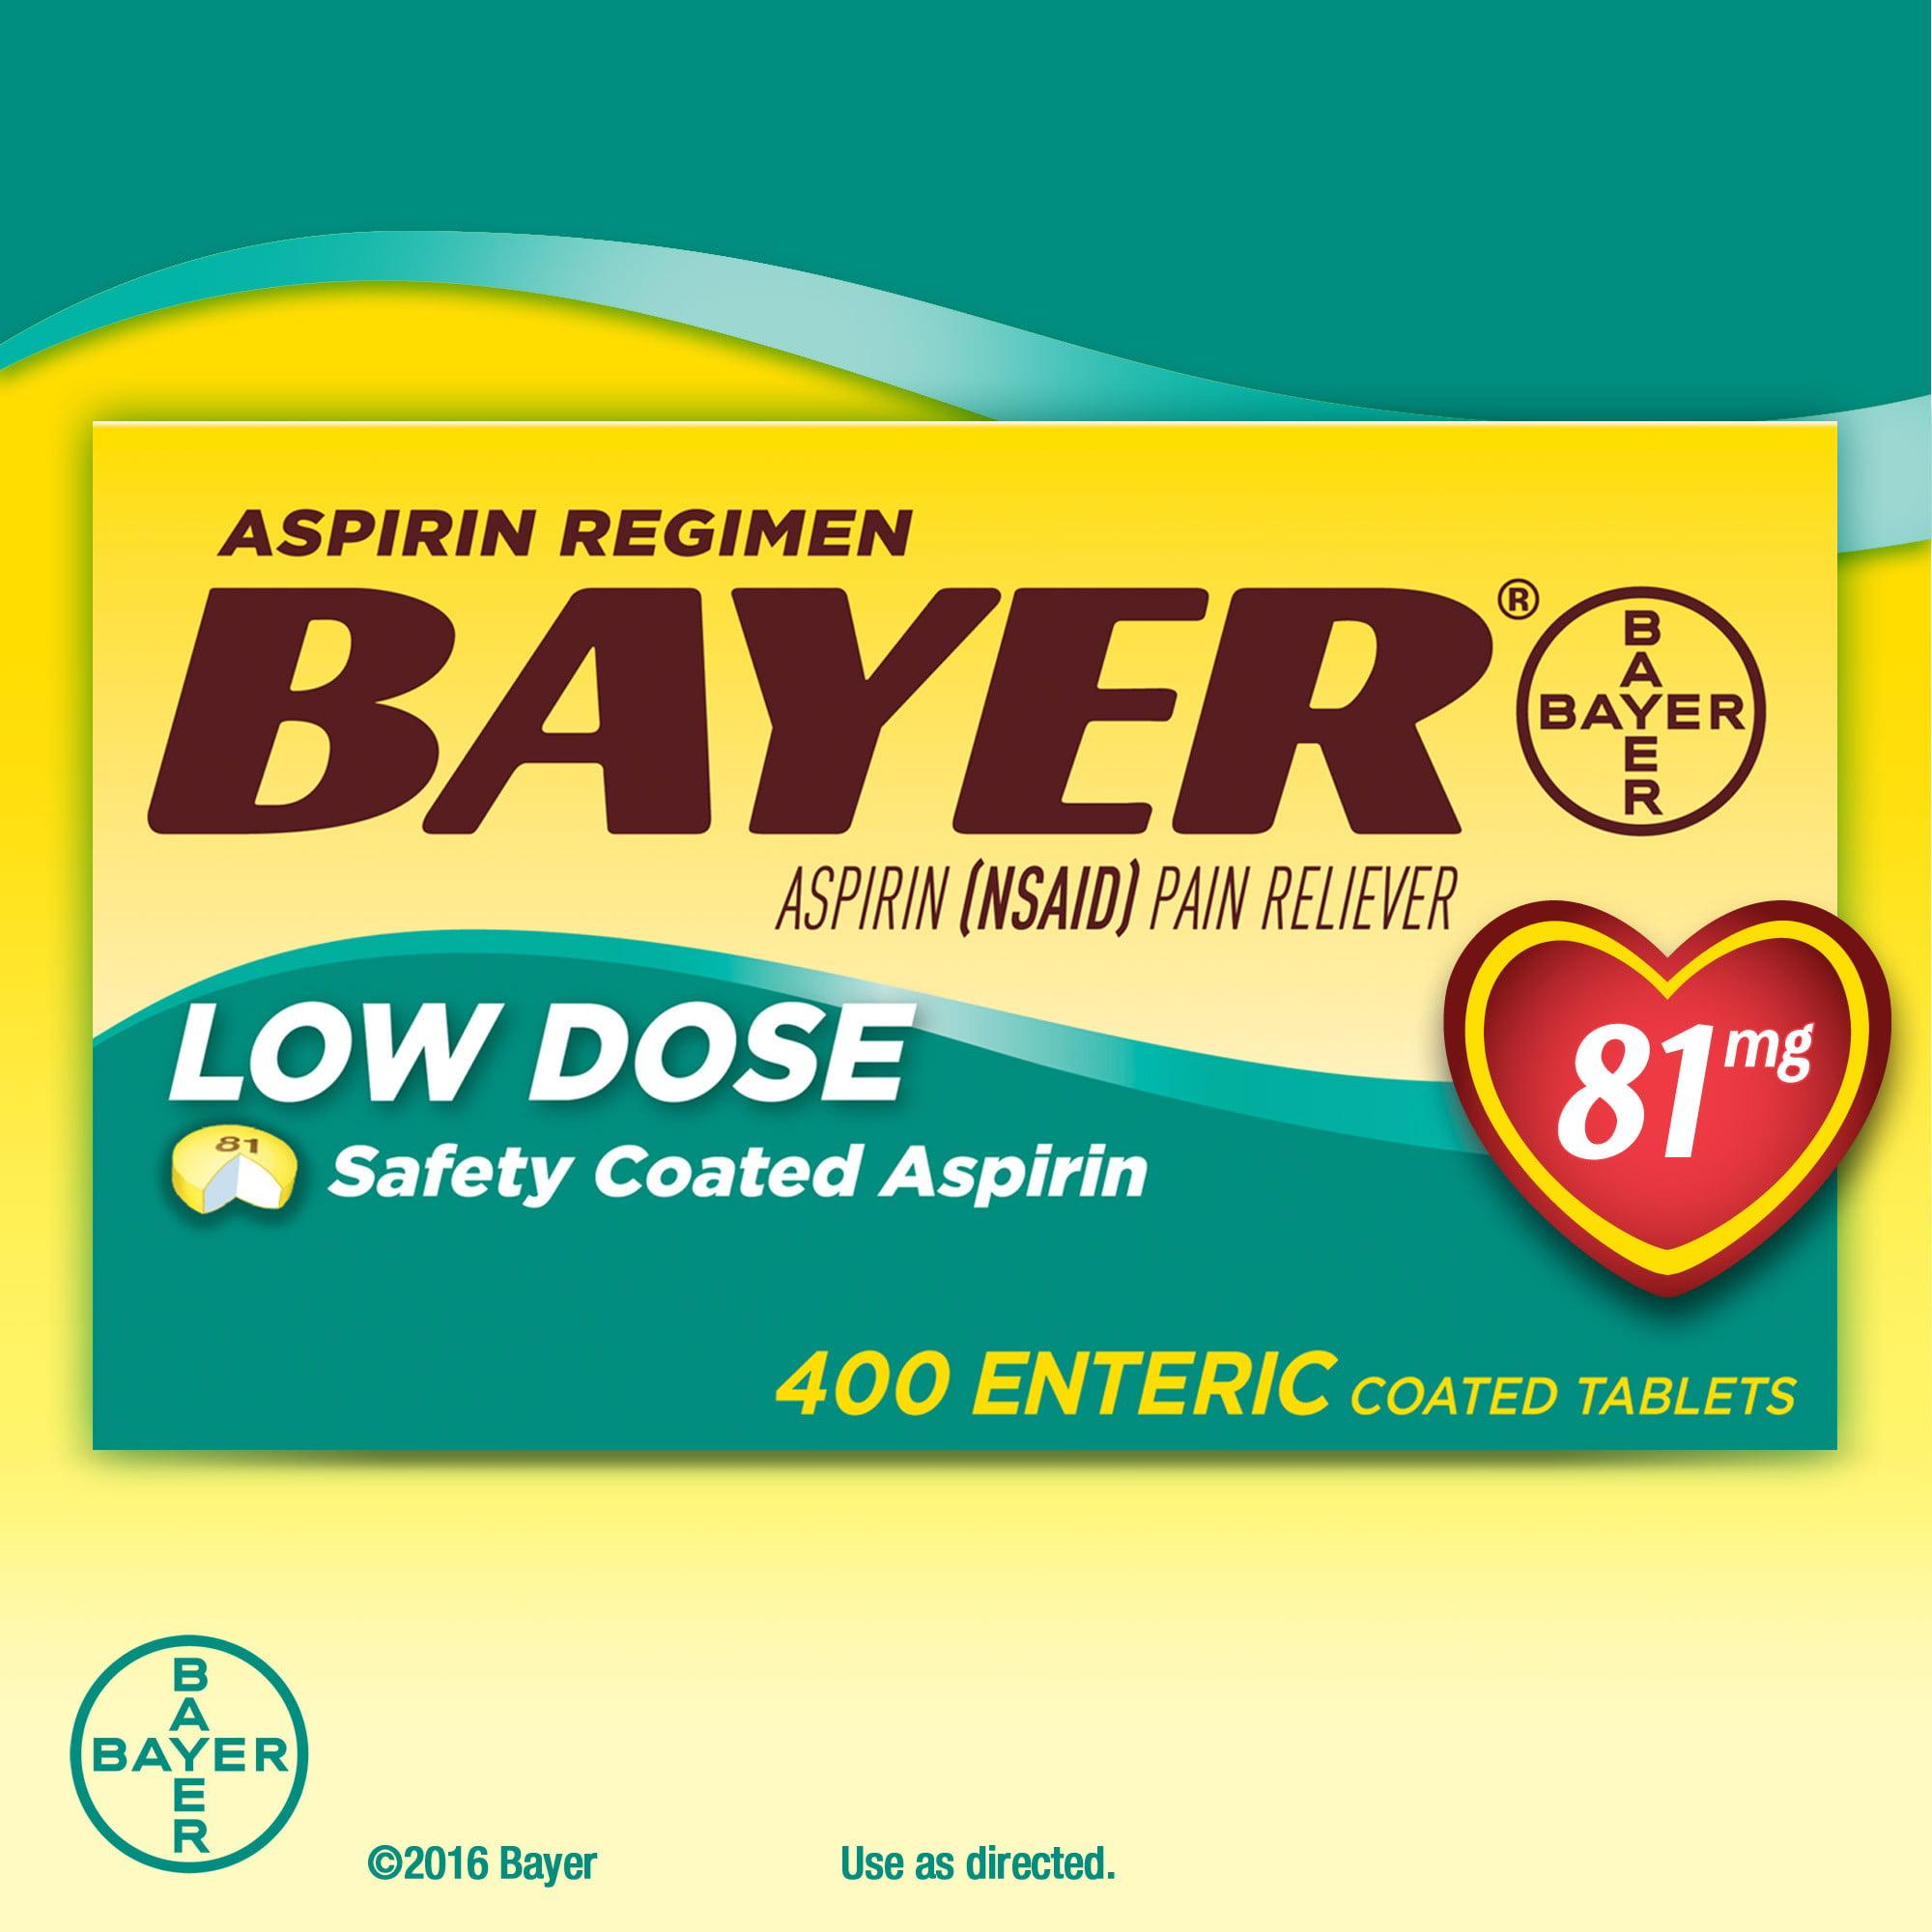 Aspirin Regimen Bayer 81 mg. Low Dose 400 Tablets